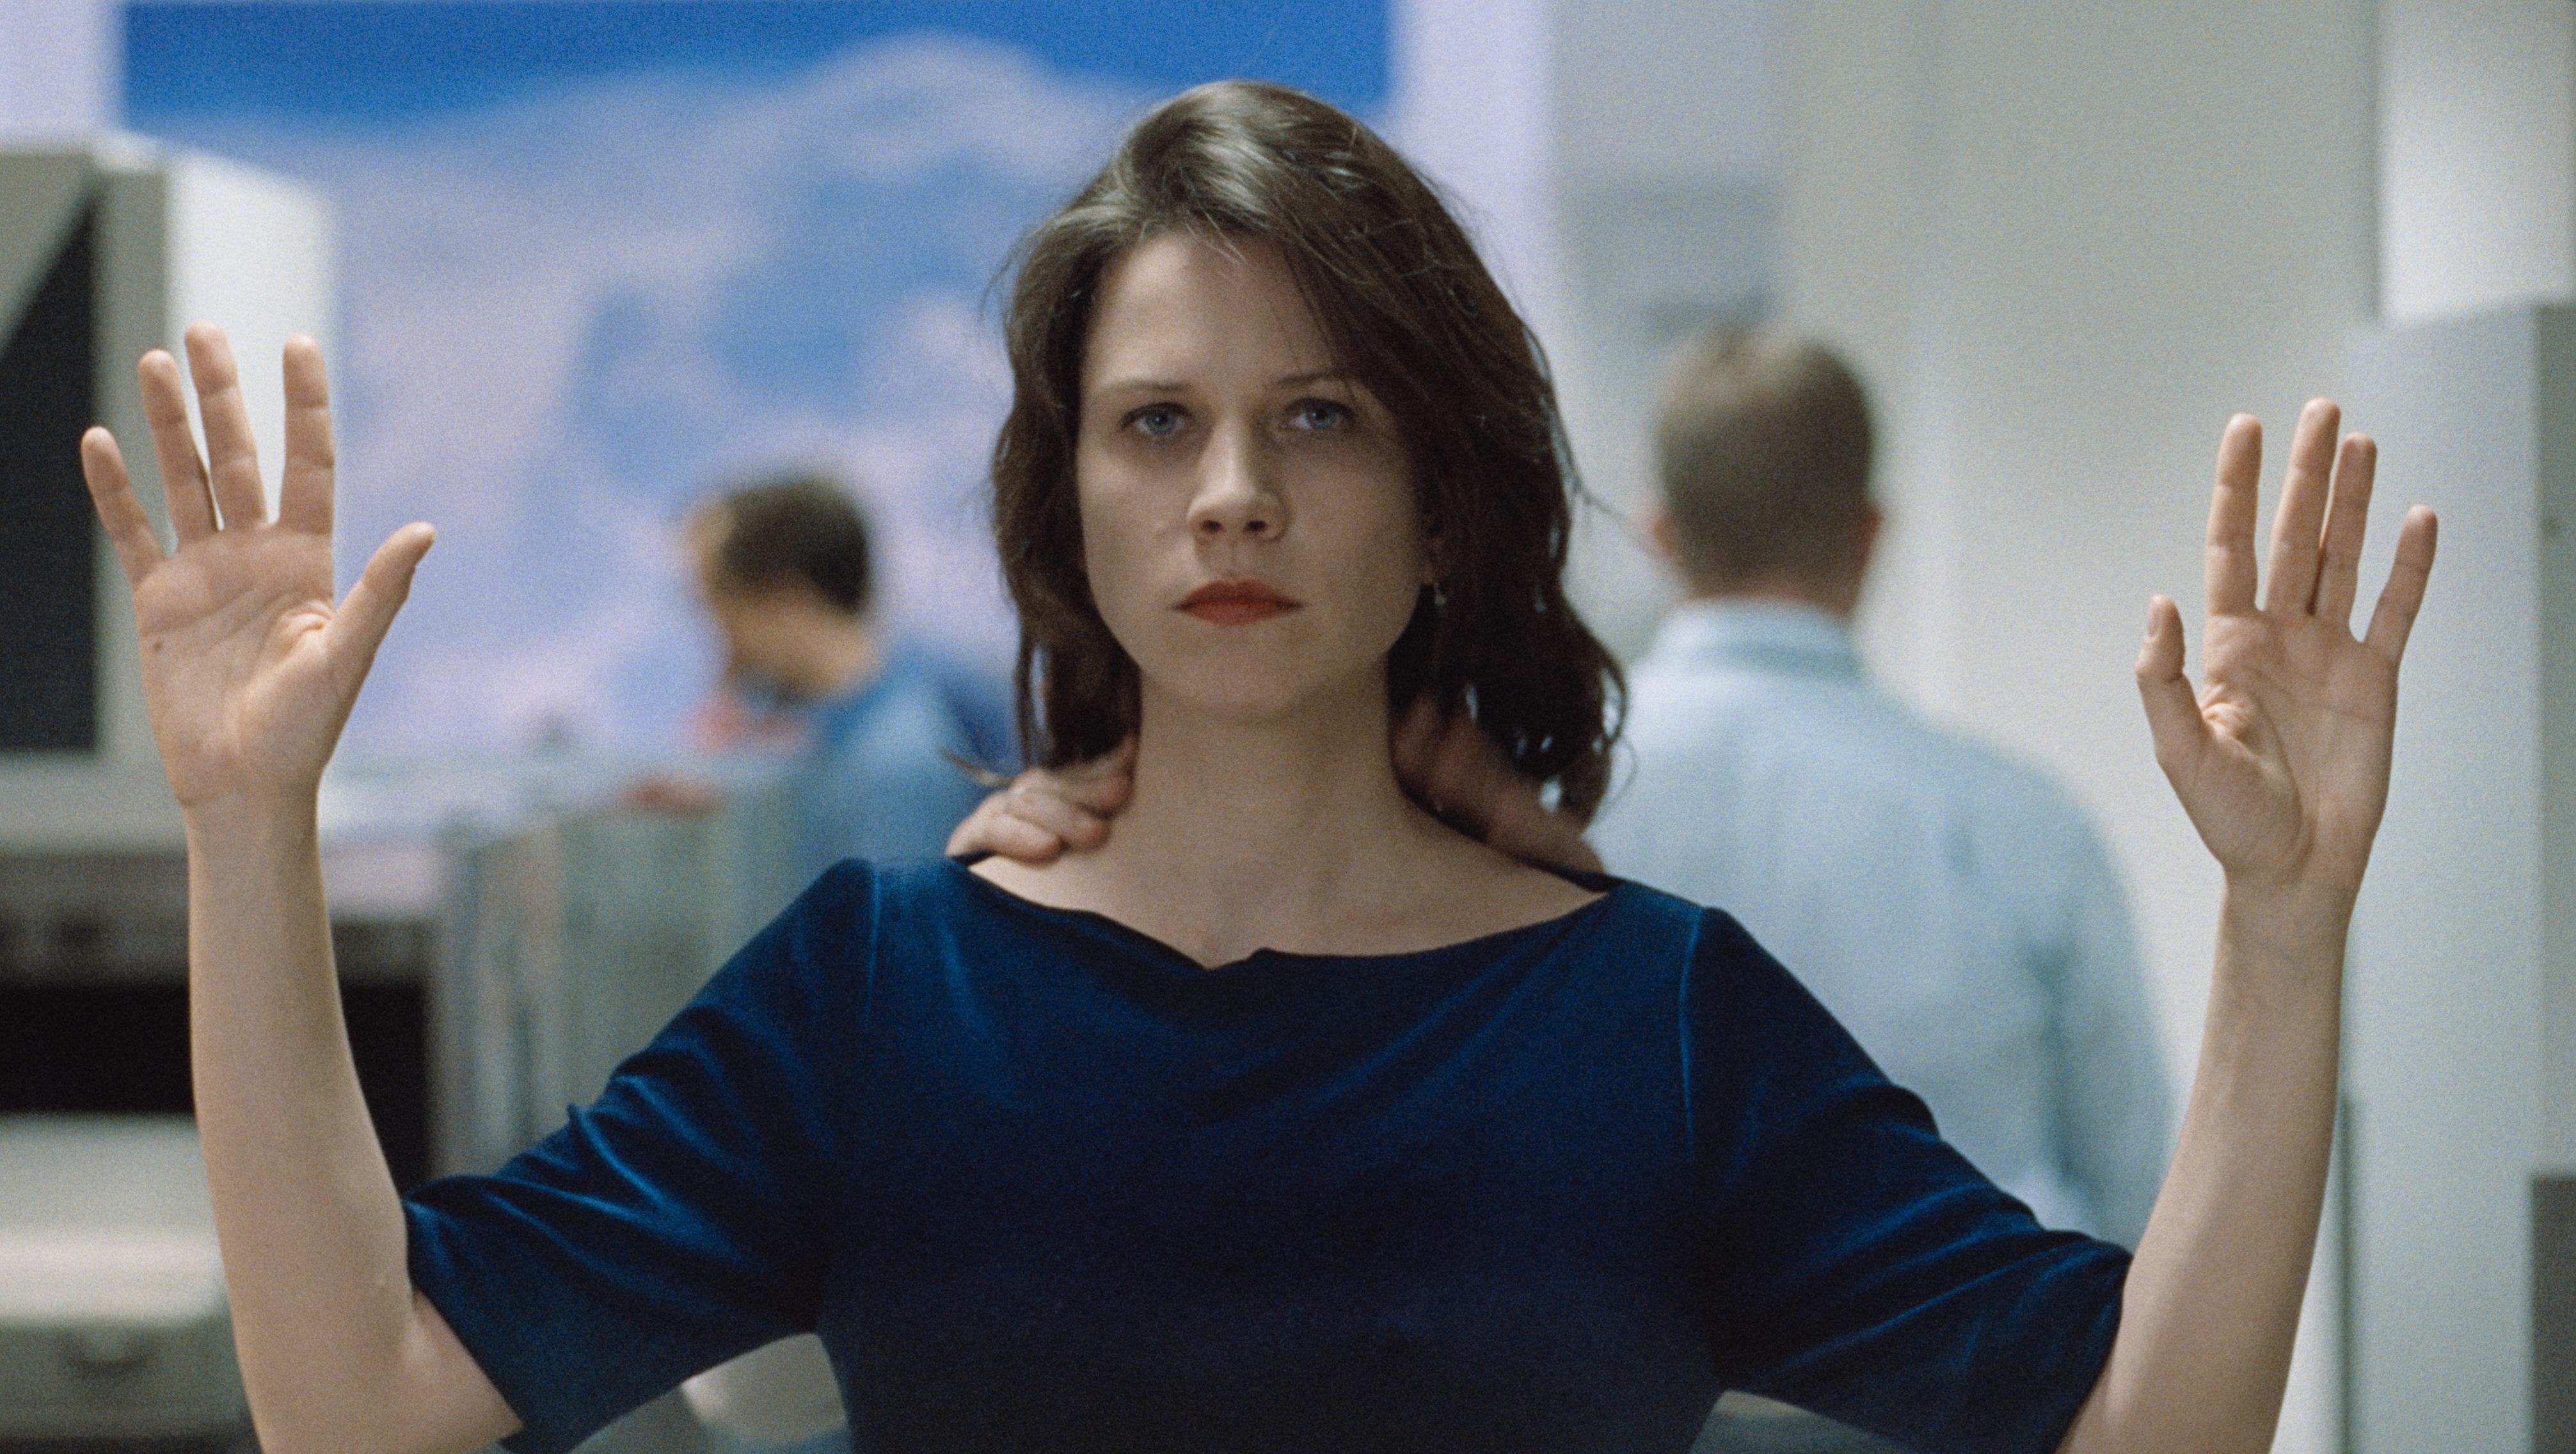 Magyarország a Felkészülés meghatározatlan ideig tartó együttlétre című filmet jelöli az Oscarra